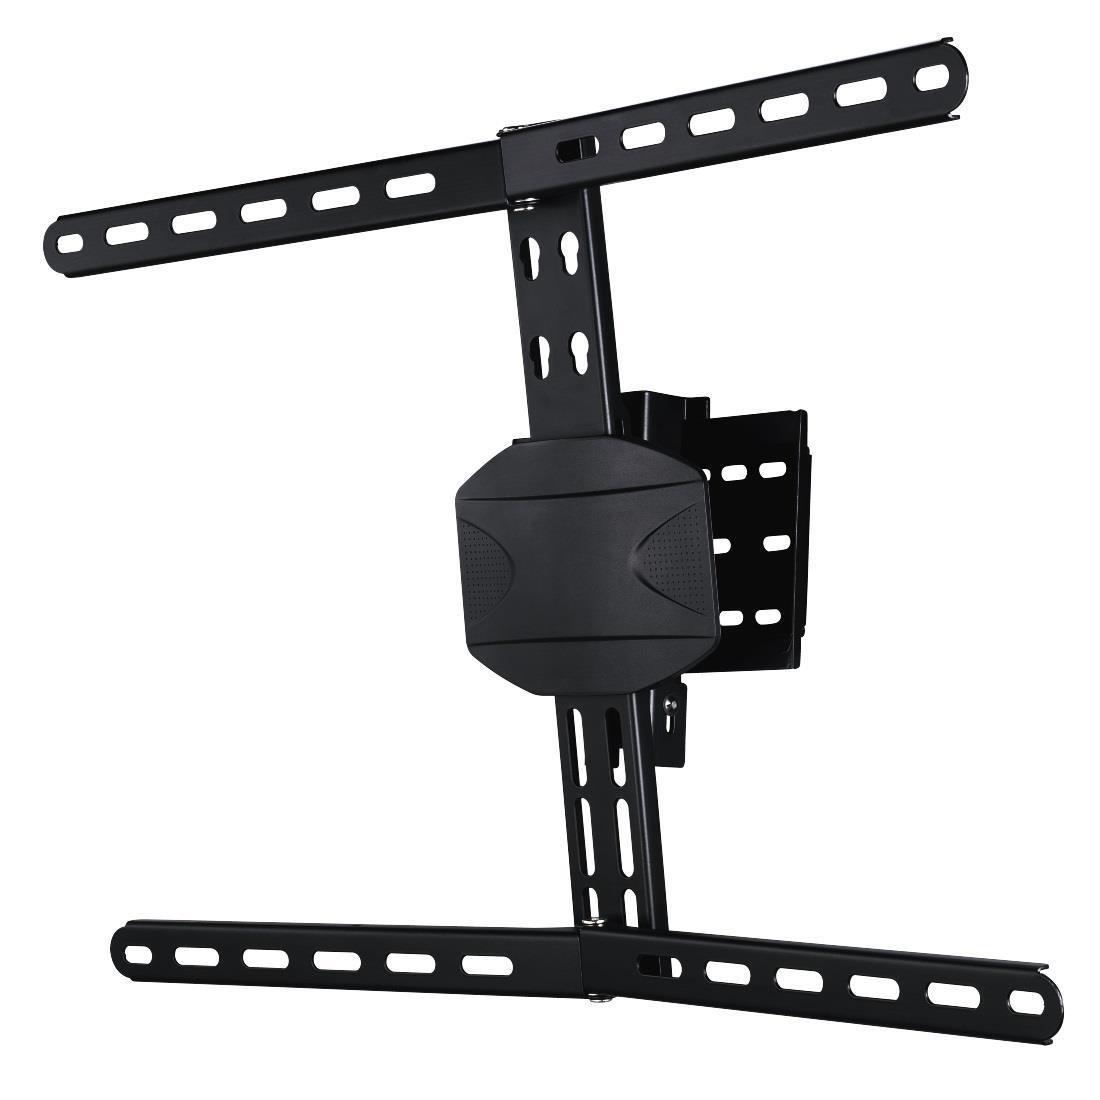 HAMA TILT TV Wall Bracket VESA 600x400